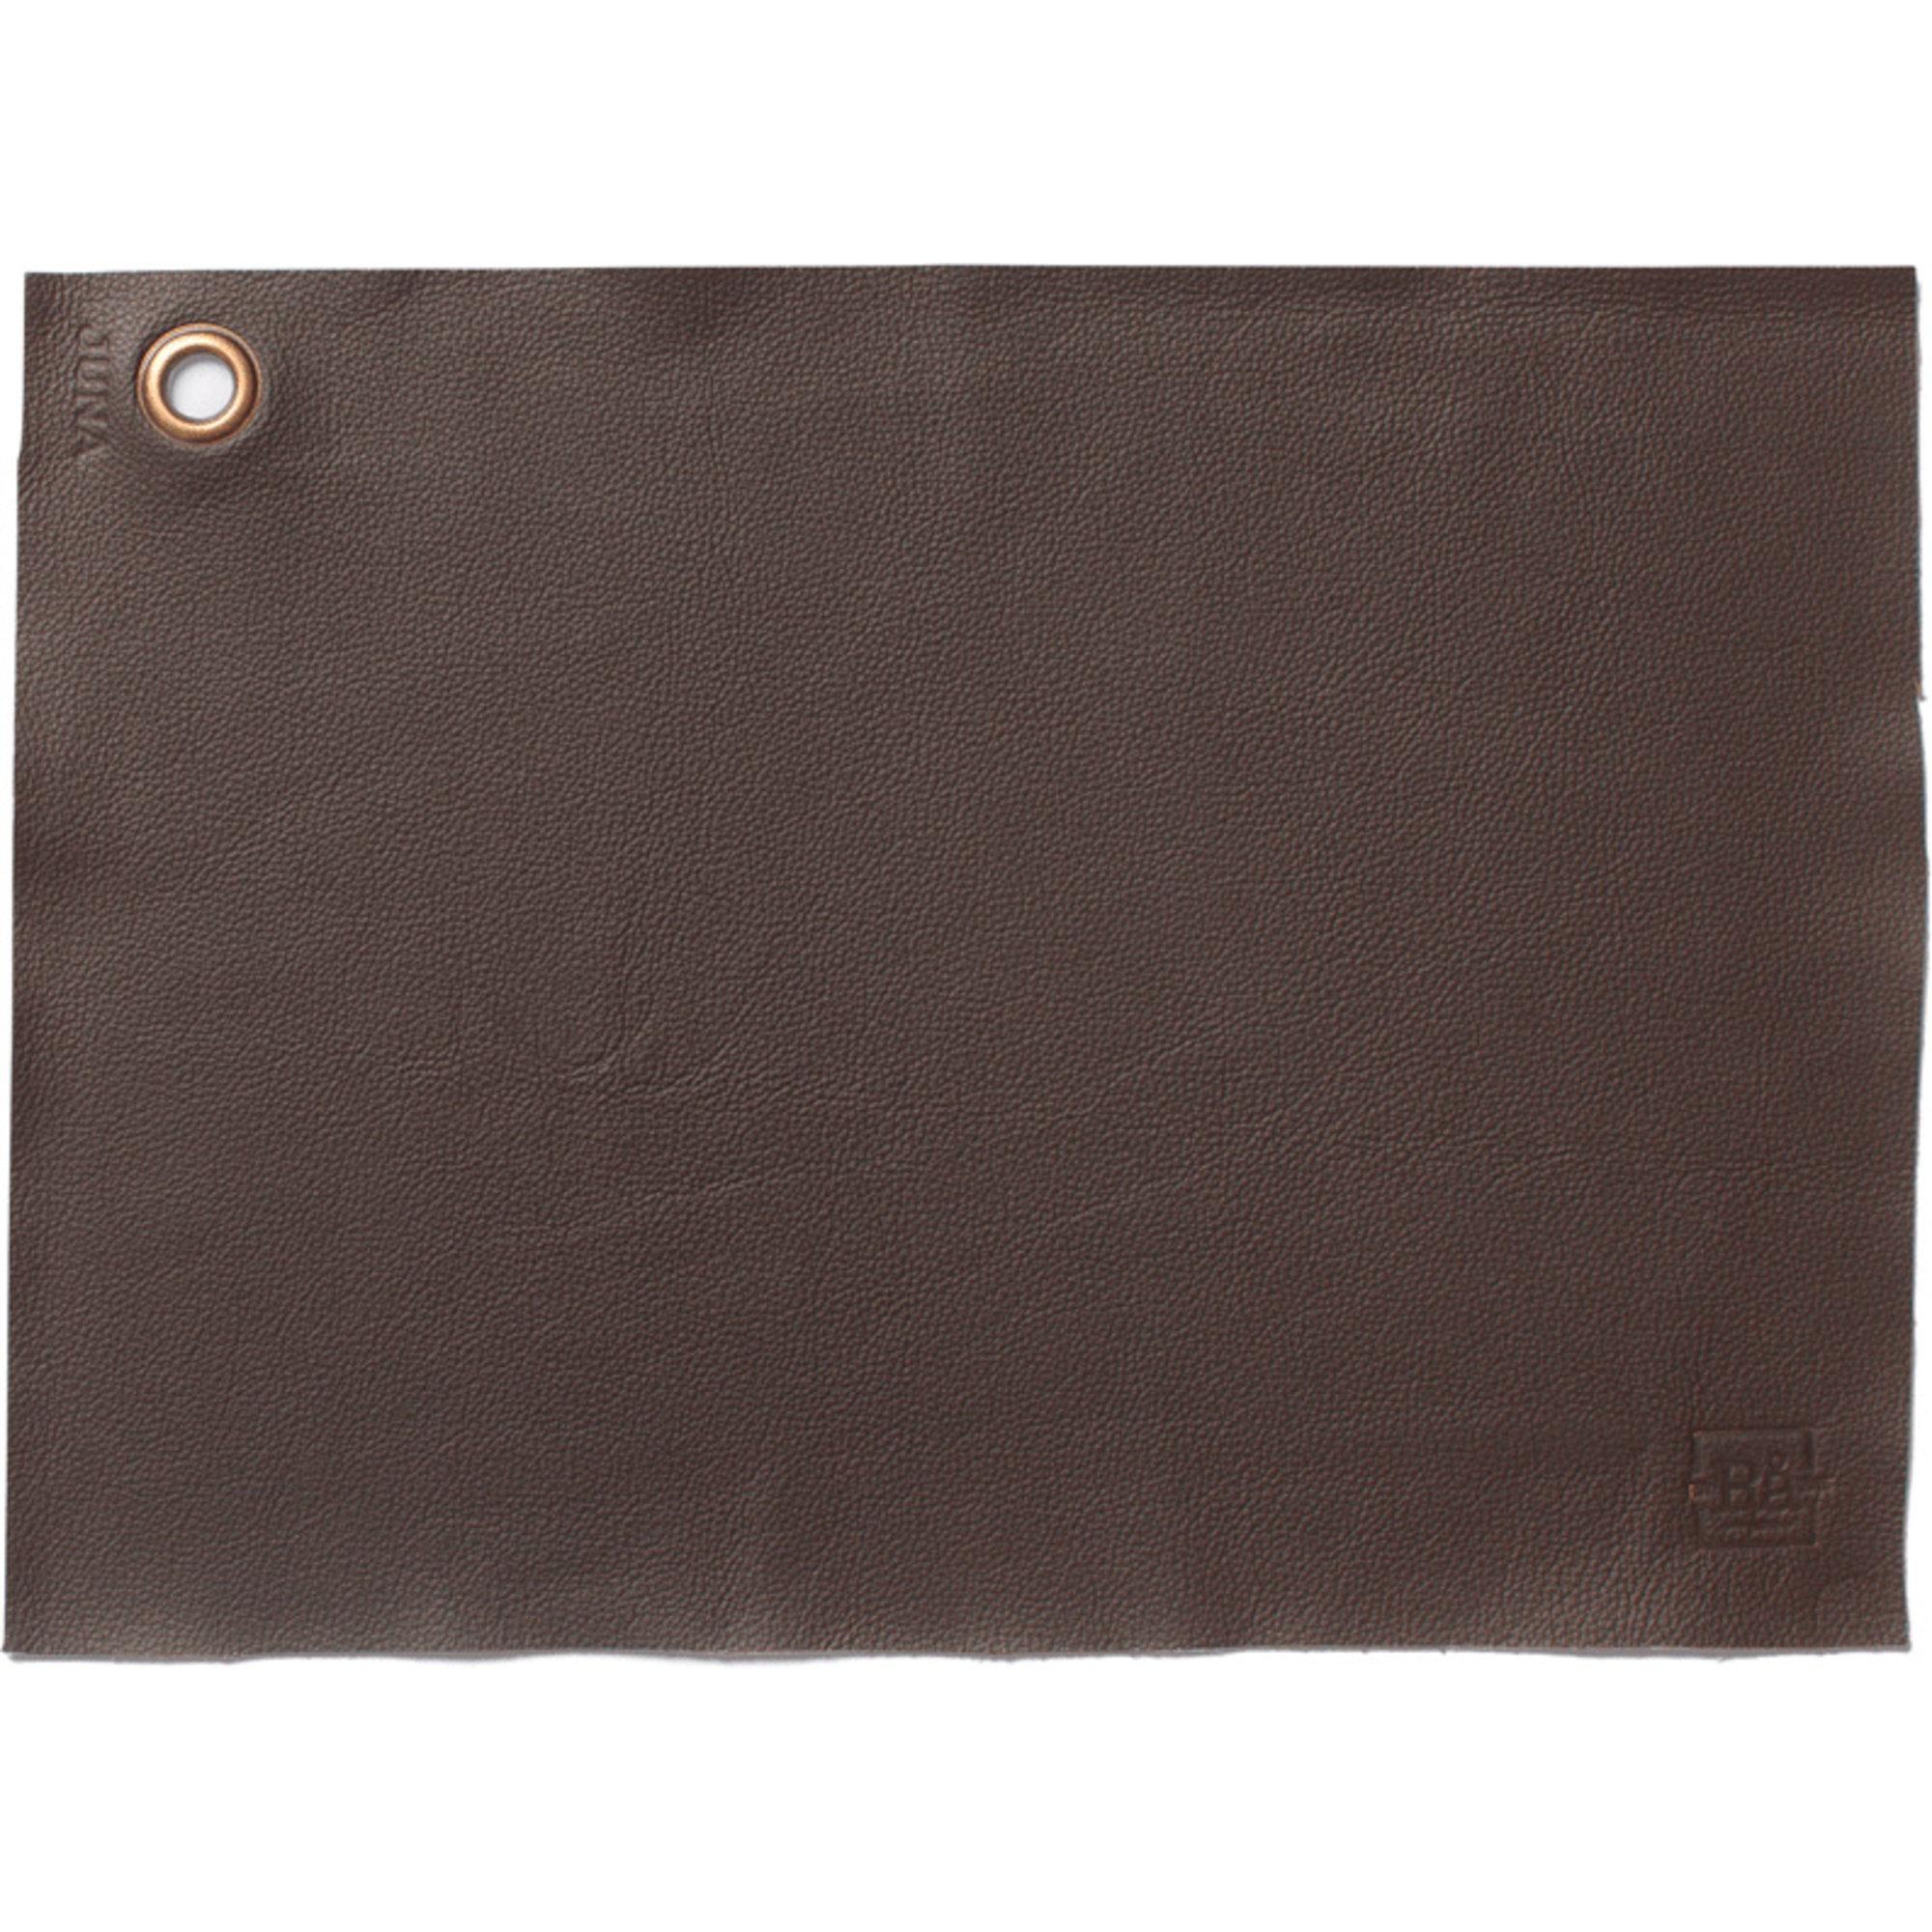 Juna Rå Bordstablett brun 43×30 cm